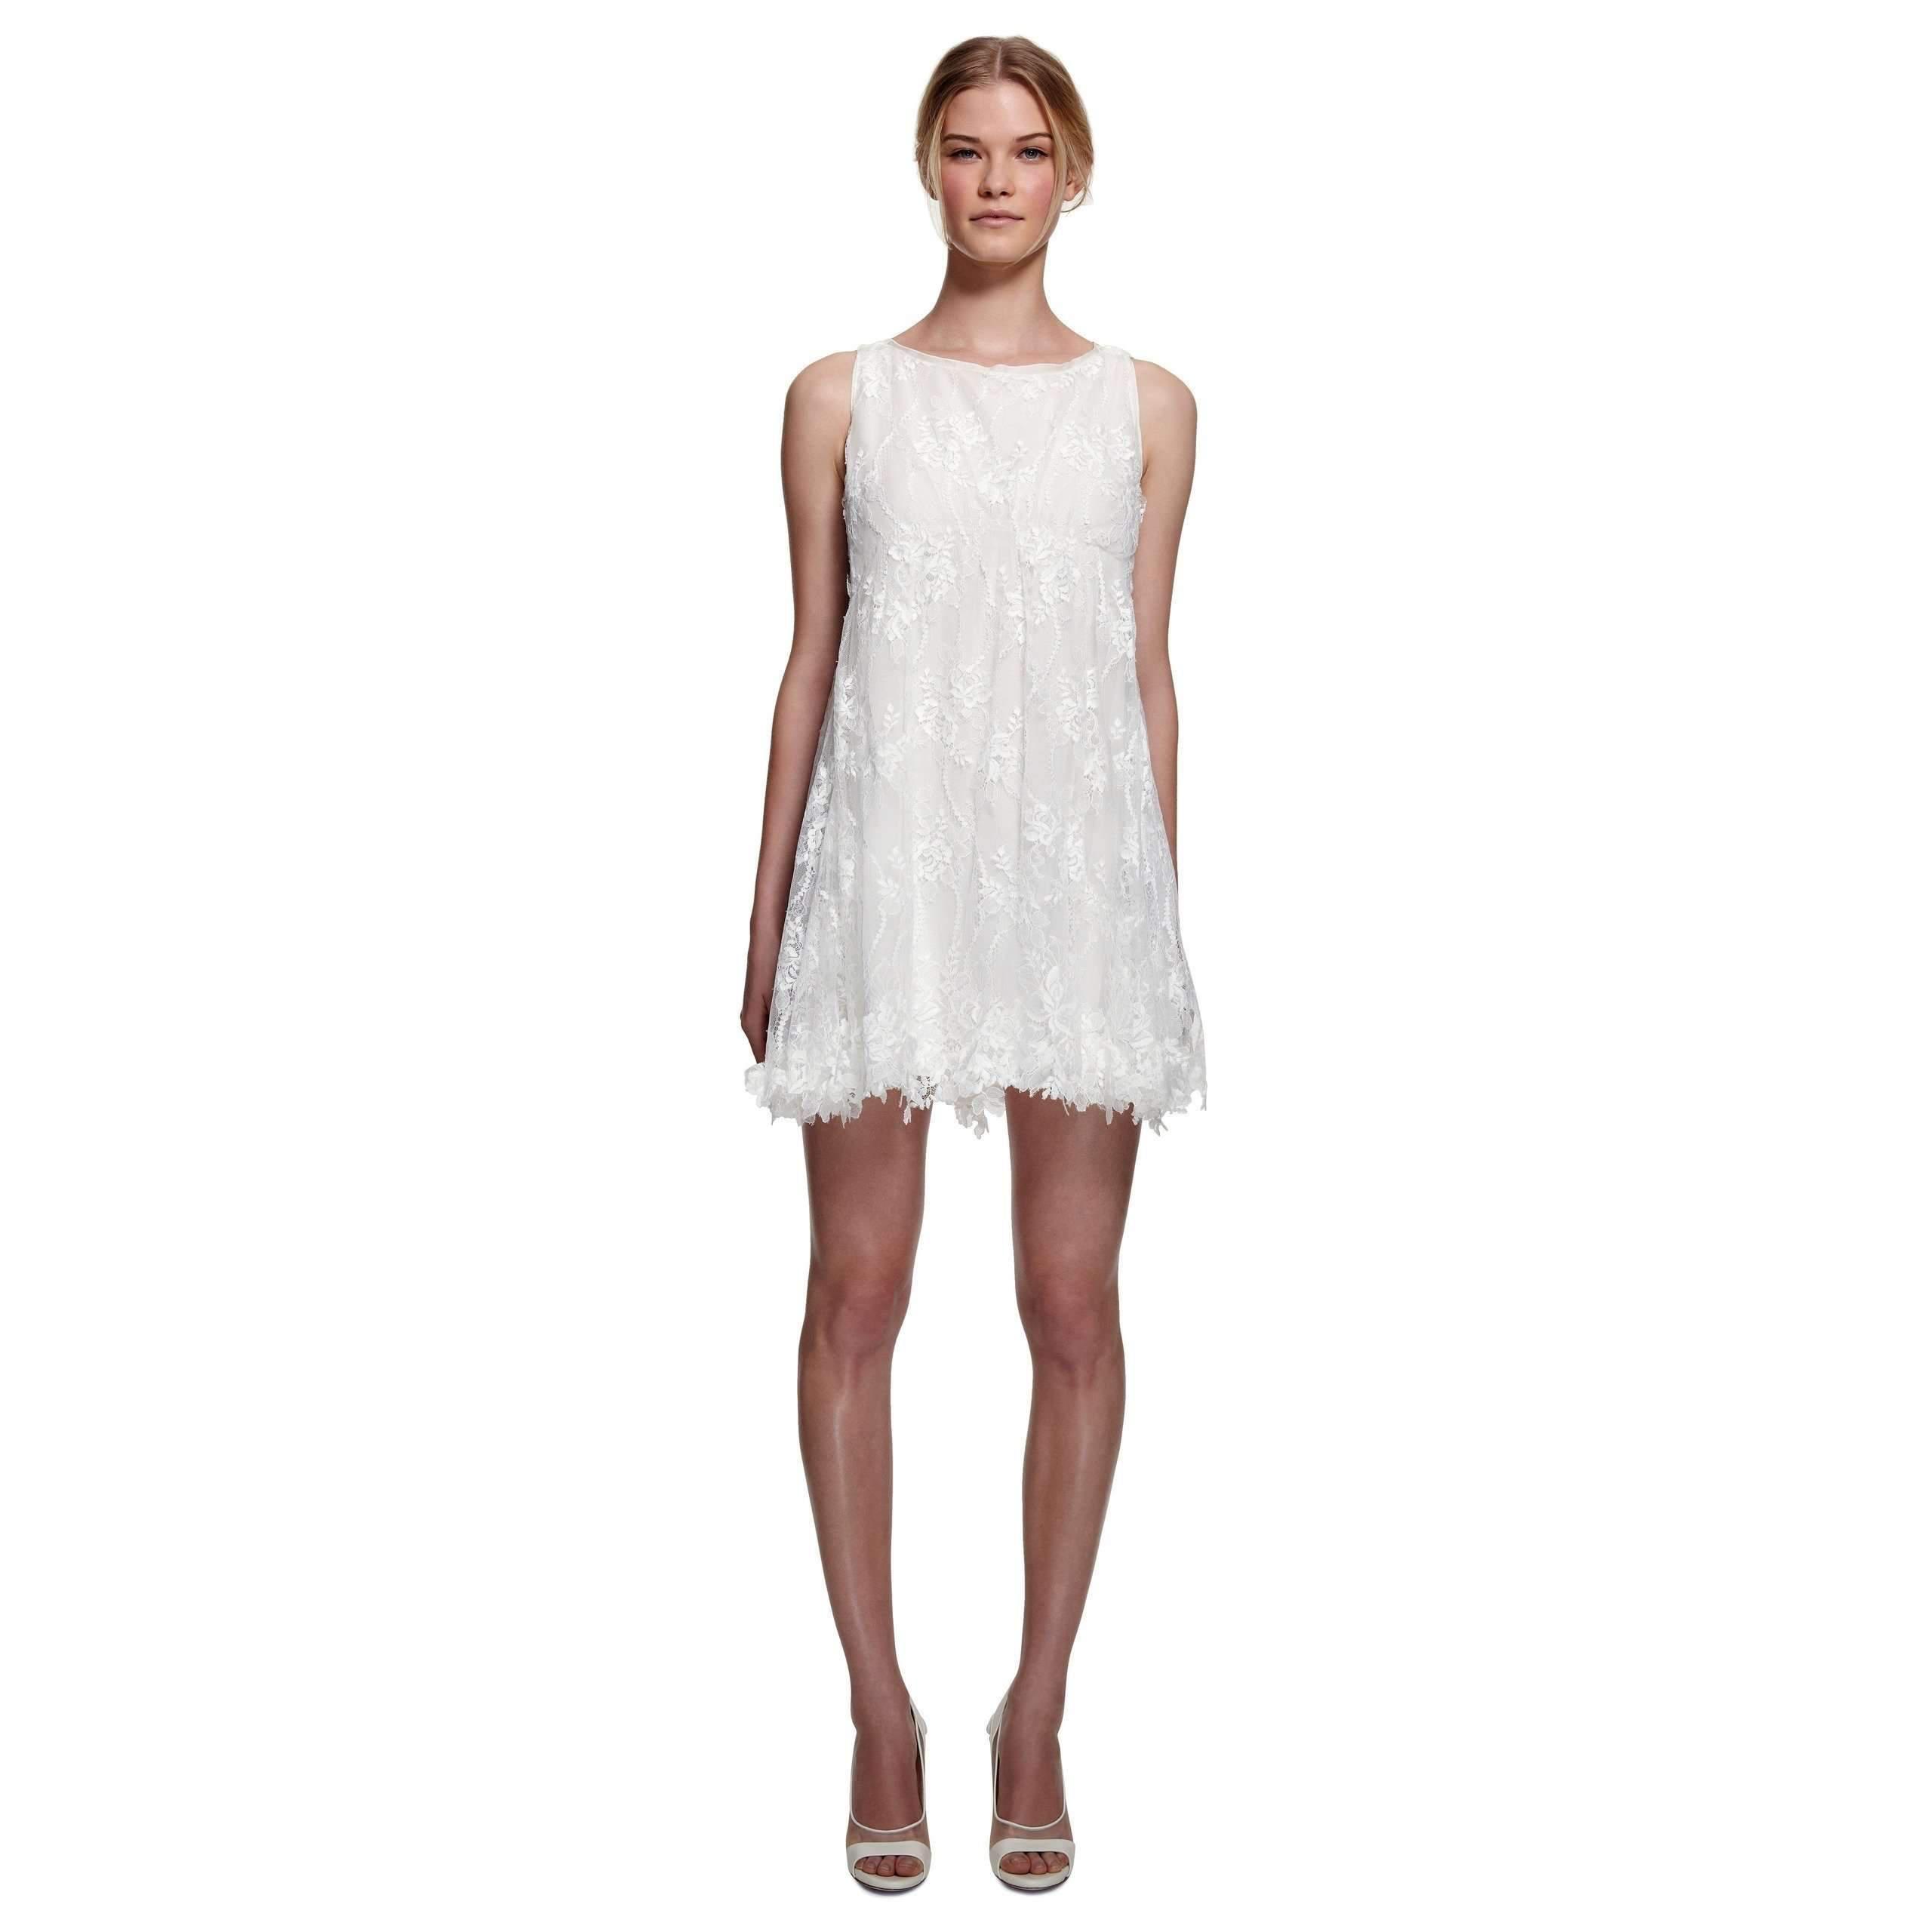 72b2522dae Nina Ricci Runway Bridal White Lace Dress in White - Lyst